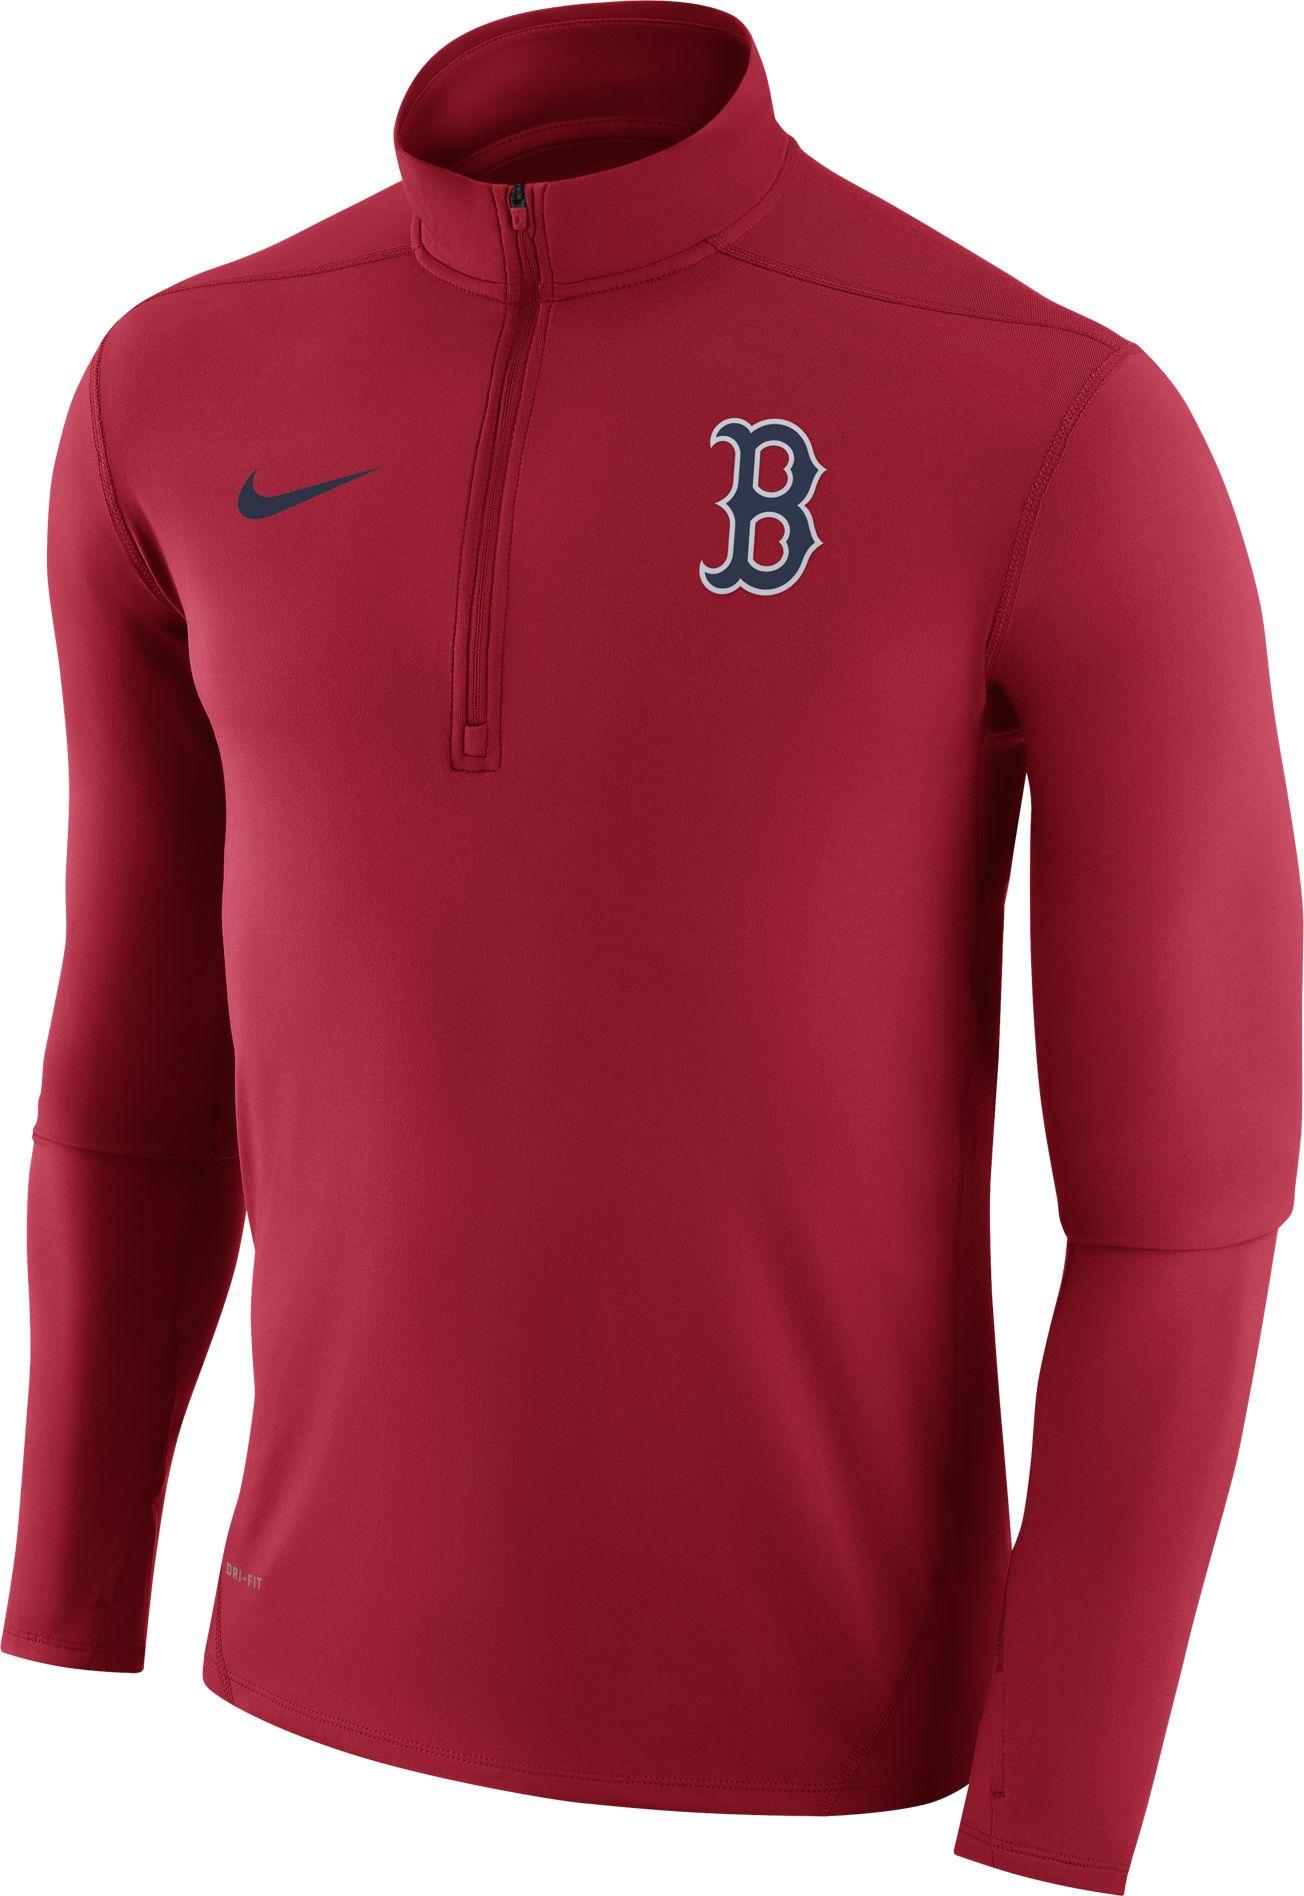 Nike element jacket men's - Noimagefound